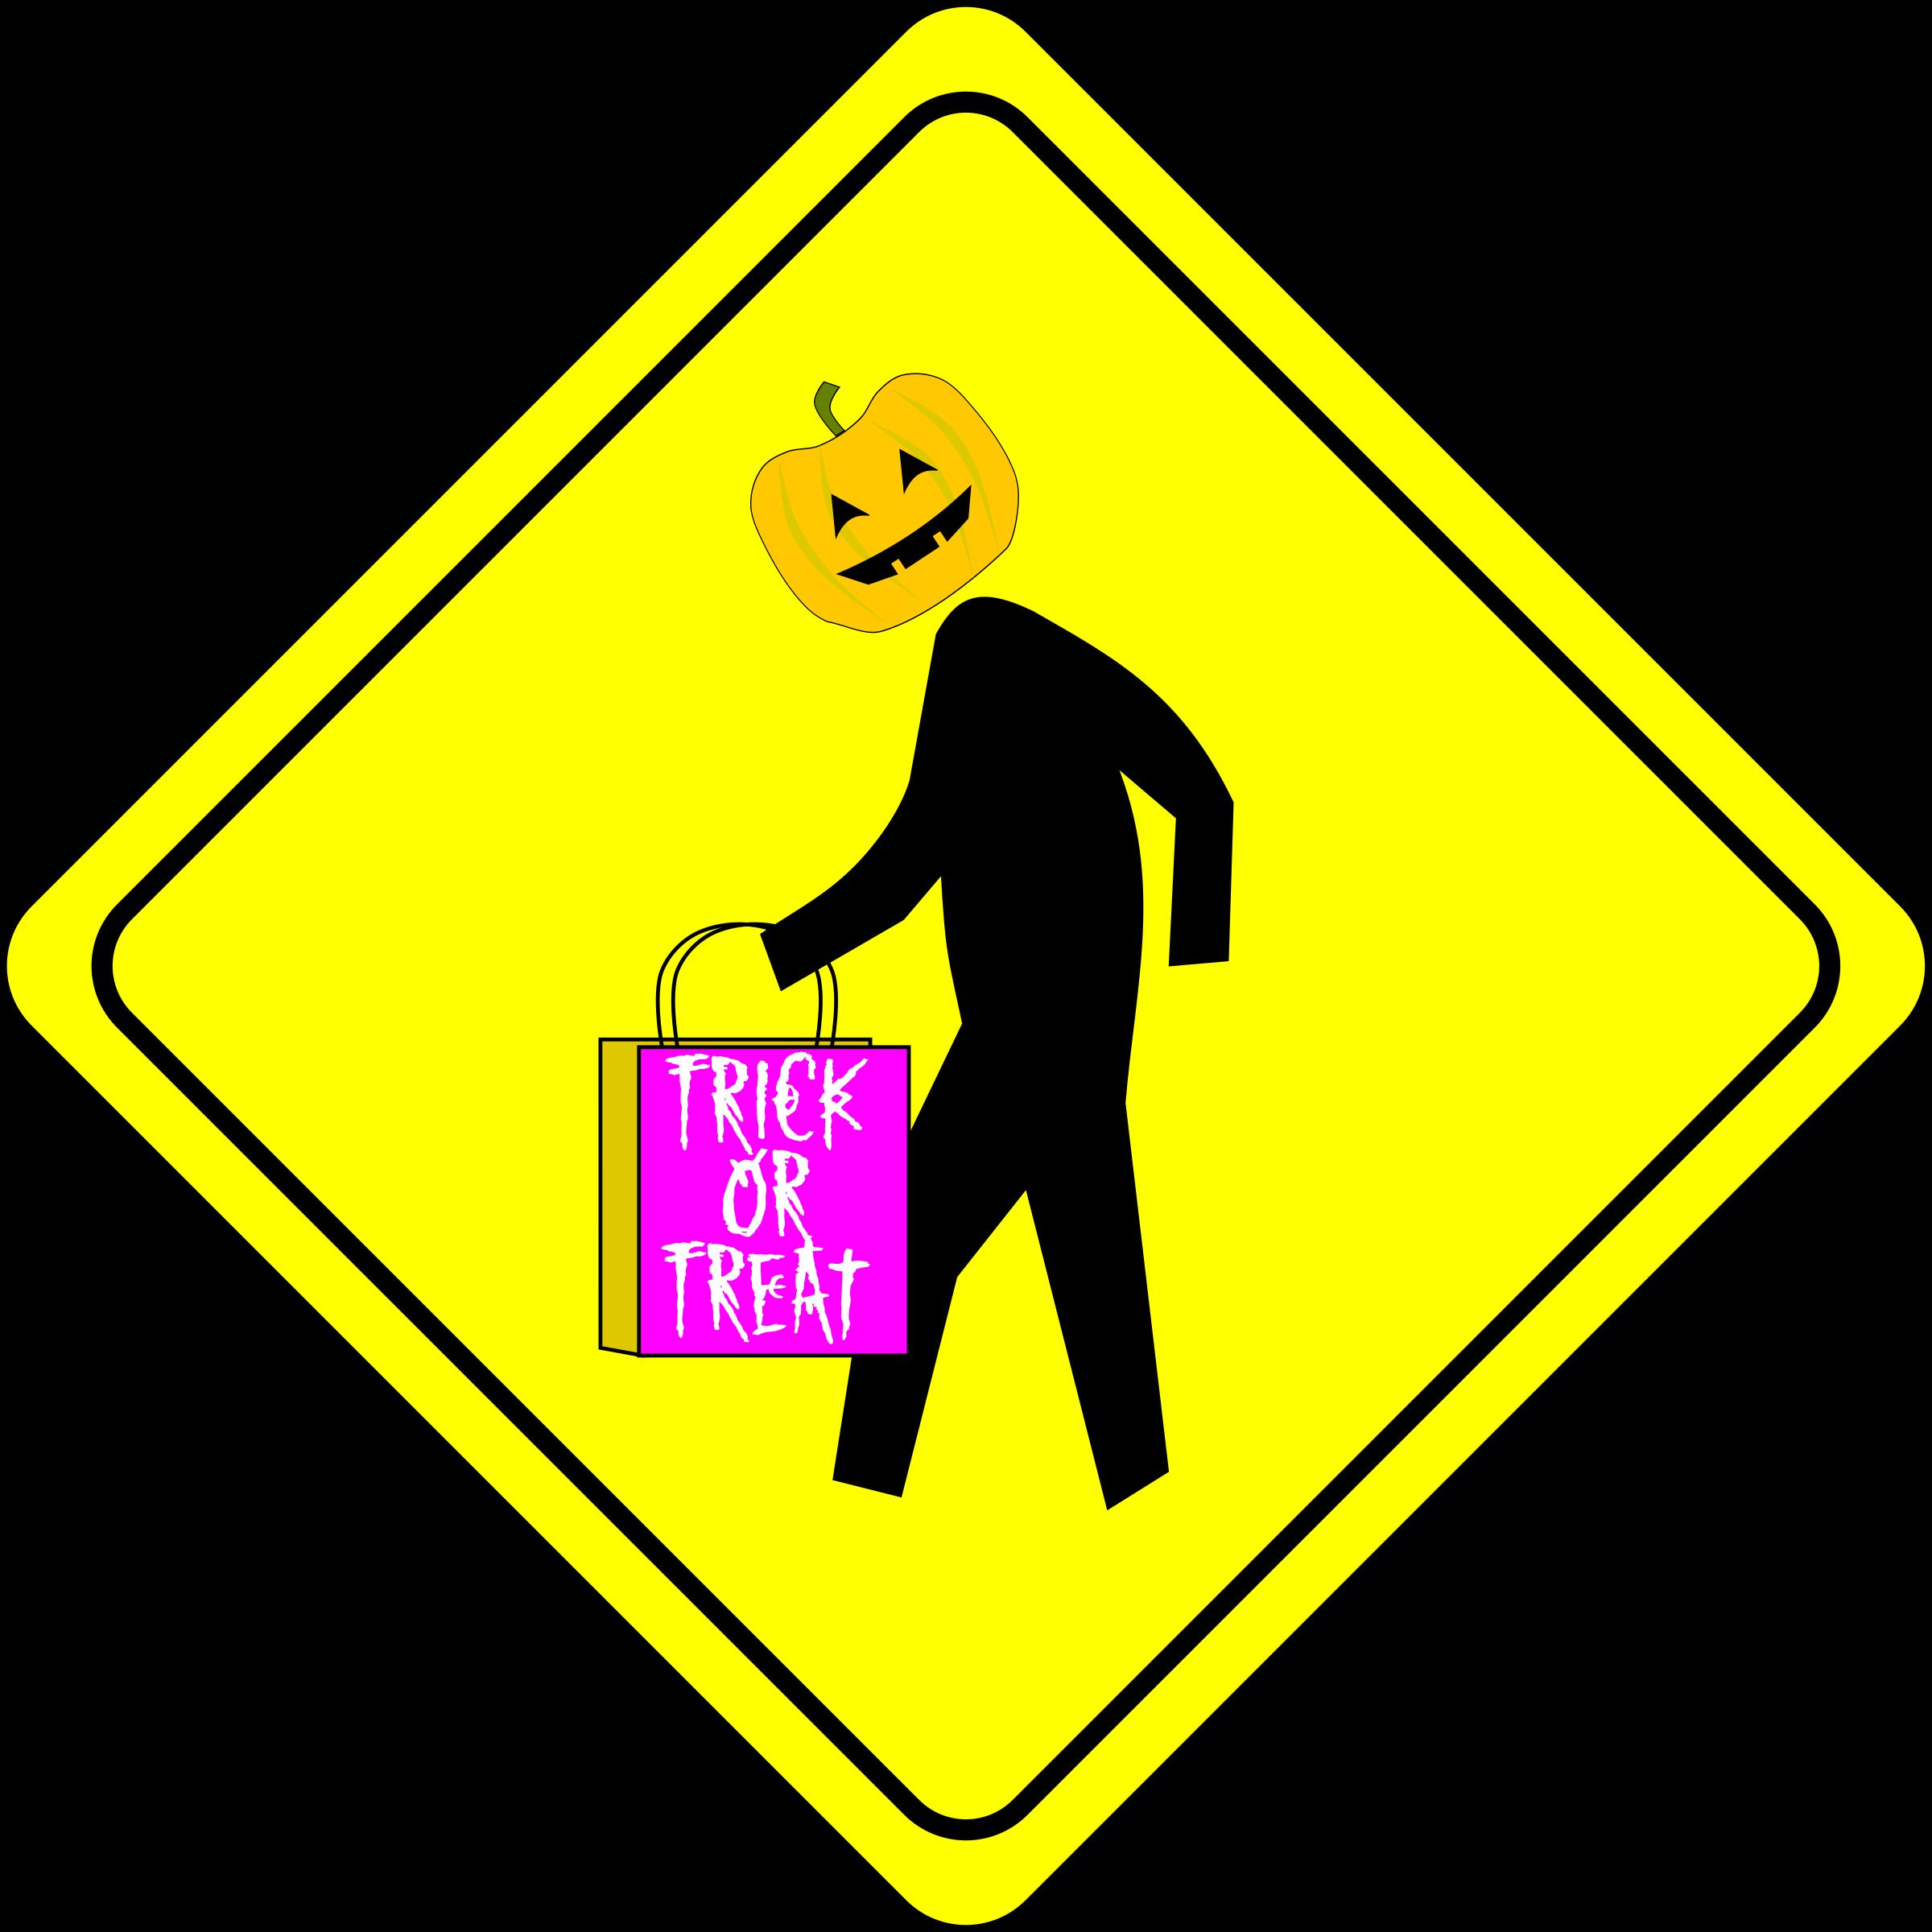 Halloween Pedestrian Caution Sign by algotruneman